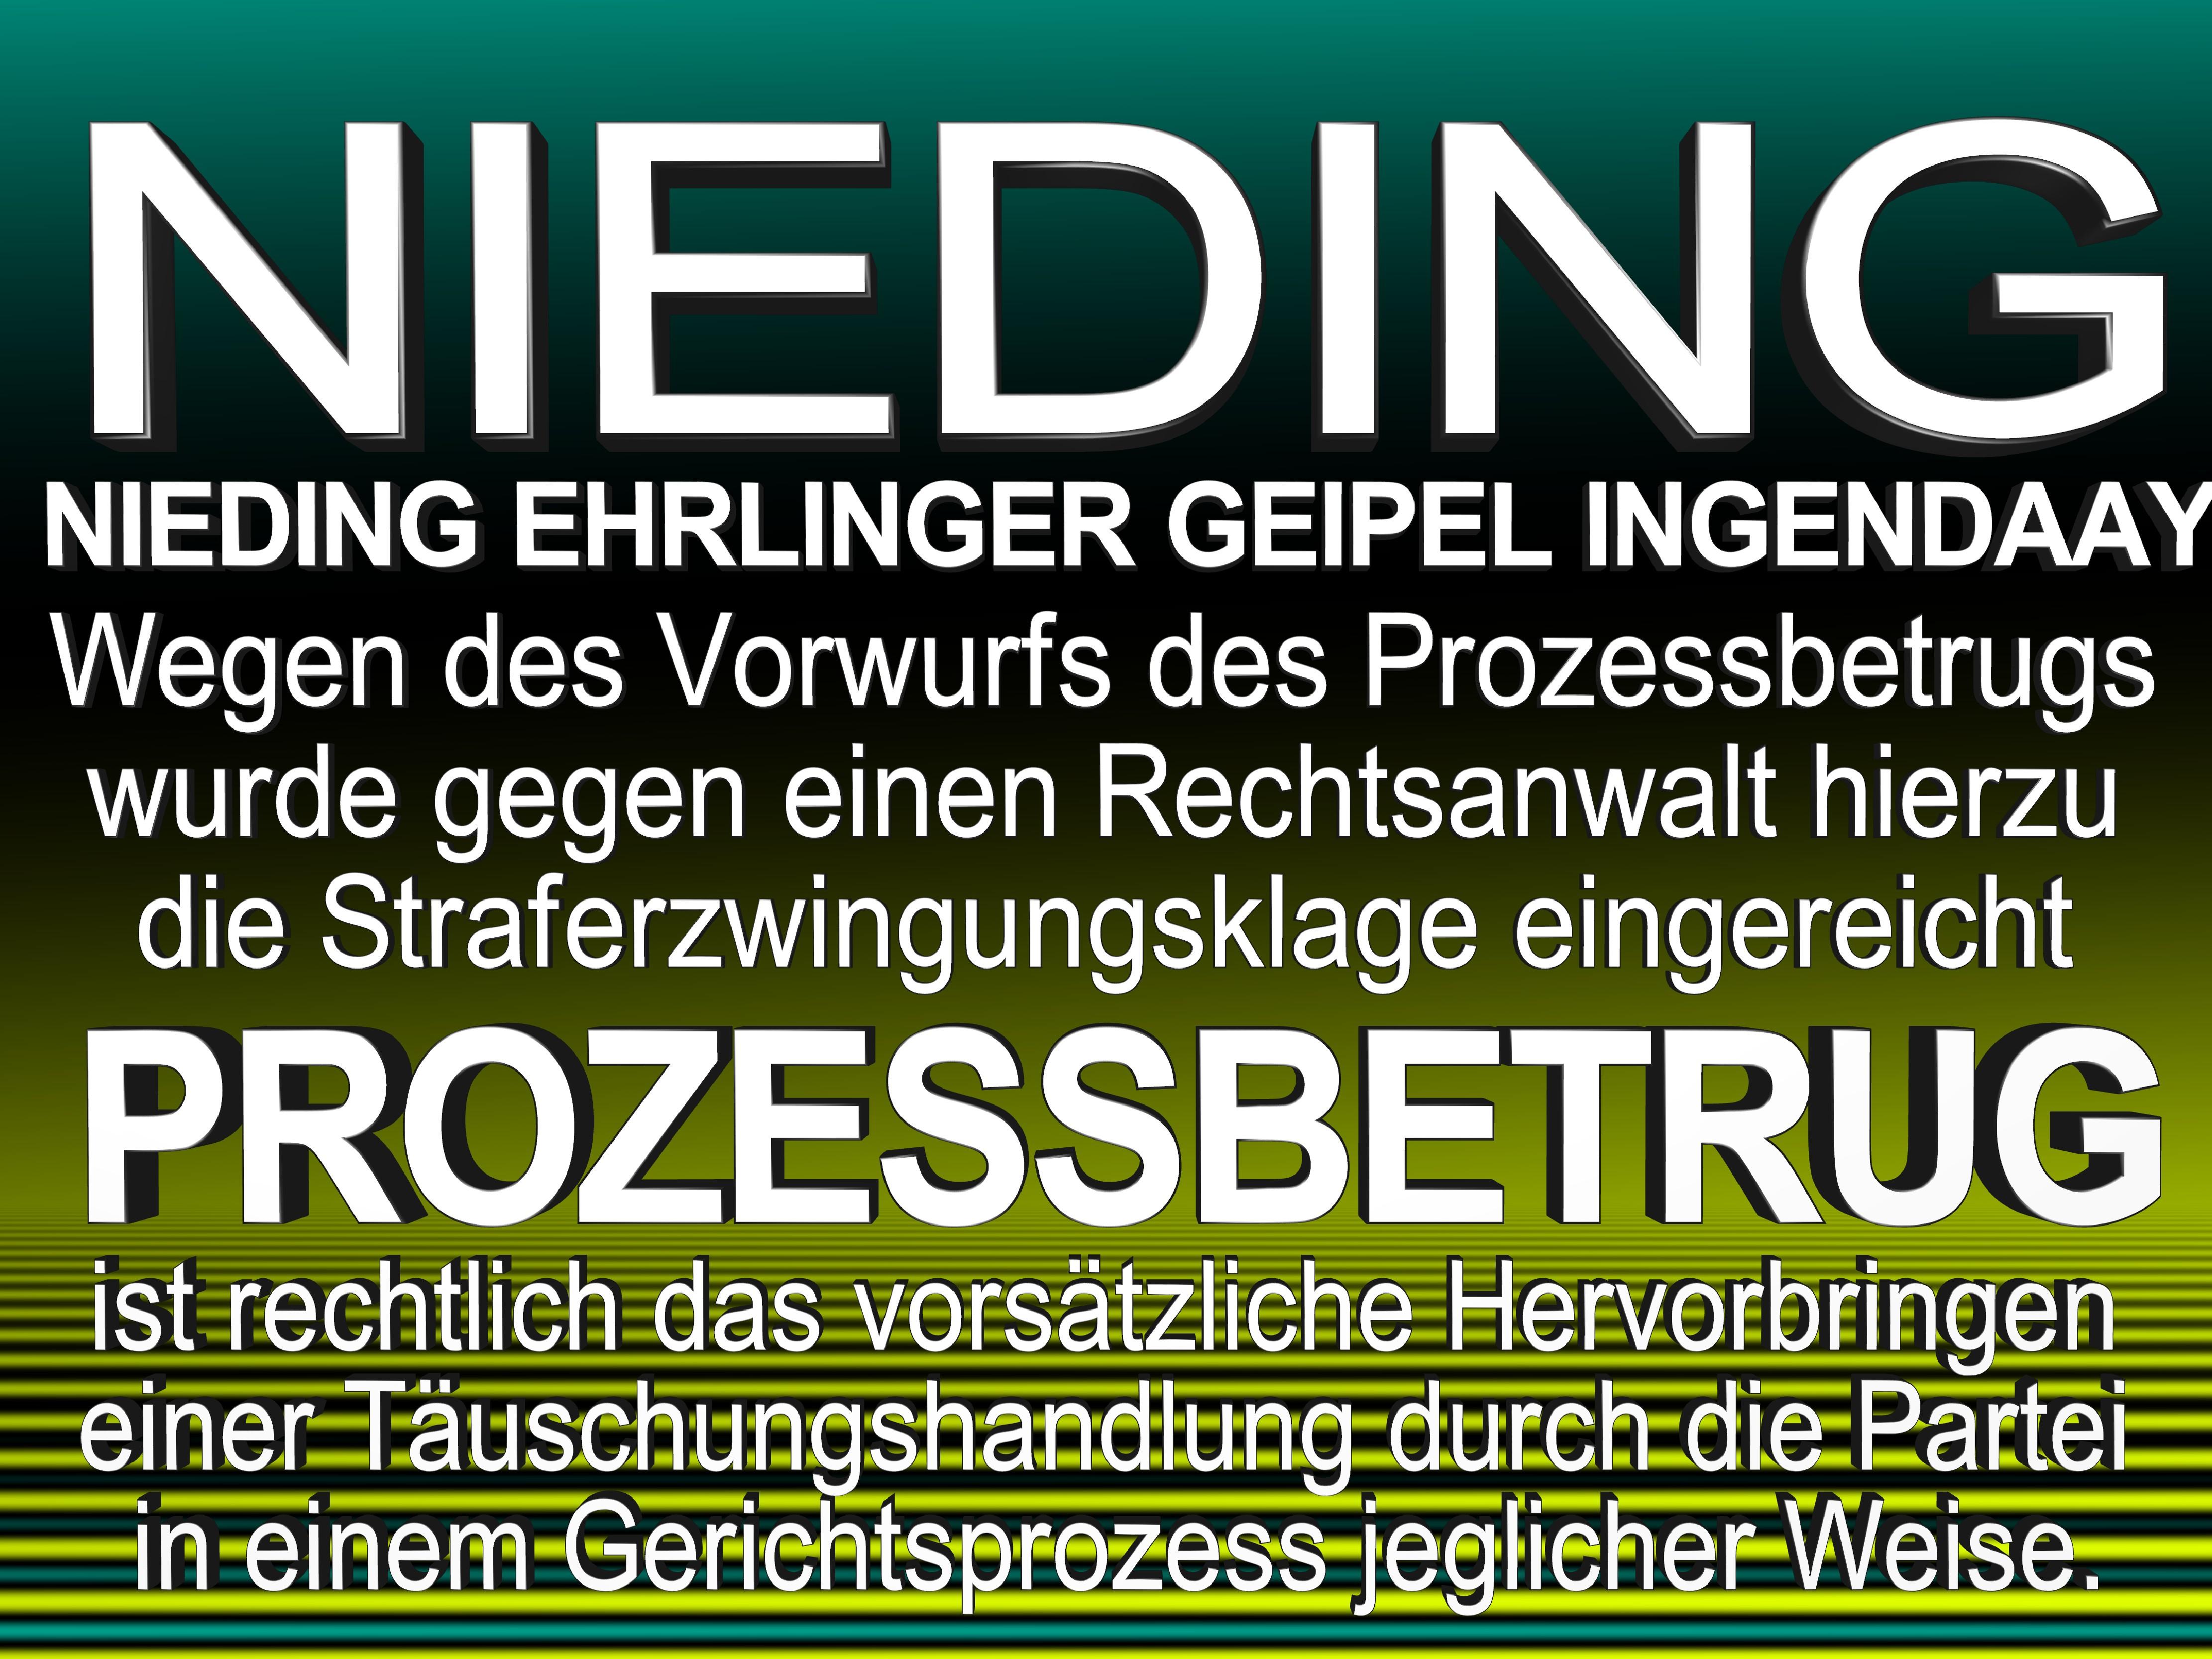 NIEDING EHRLINGER GEIPEL INGENDAAY LELKE Kurfürstendamm 66 Berlin (135)